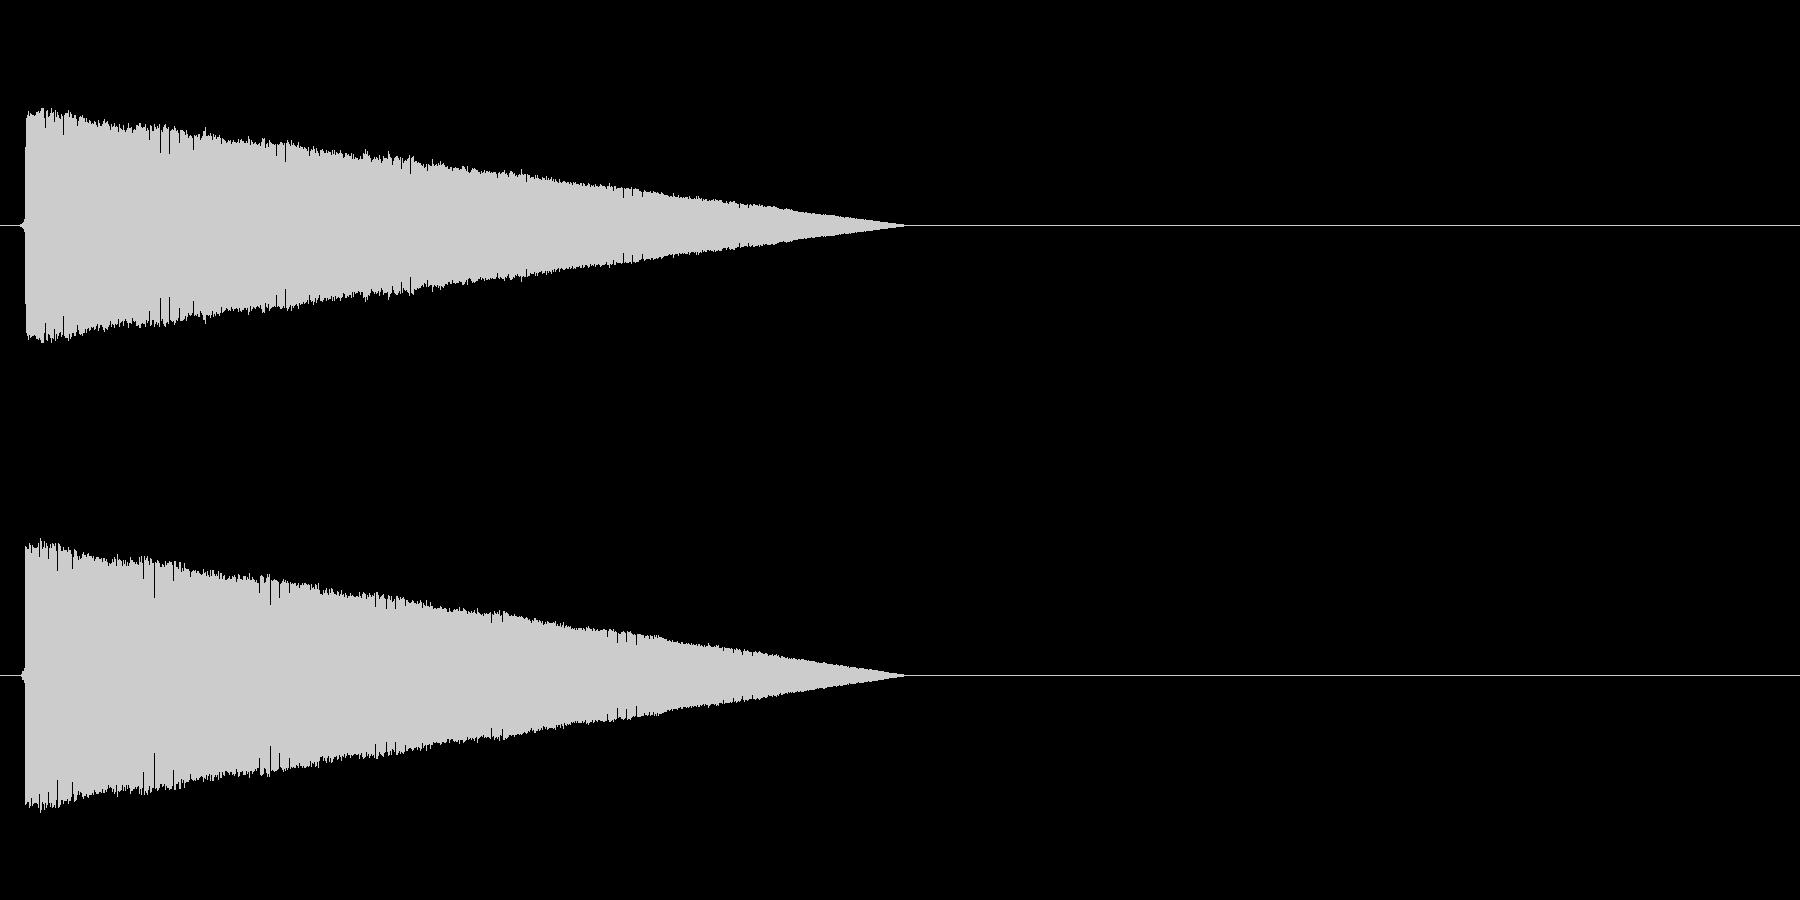 ポワワワワワ(転送、レトロゲーム、低い)の未再生の波形